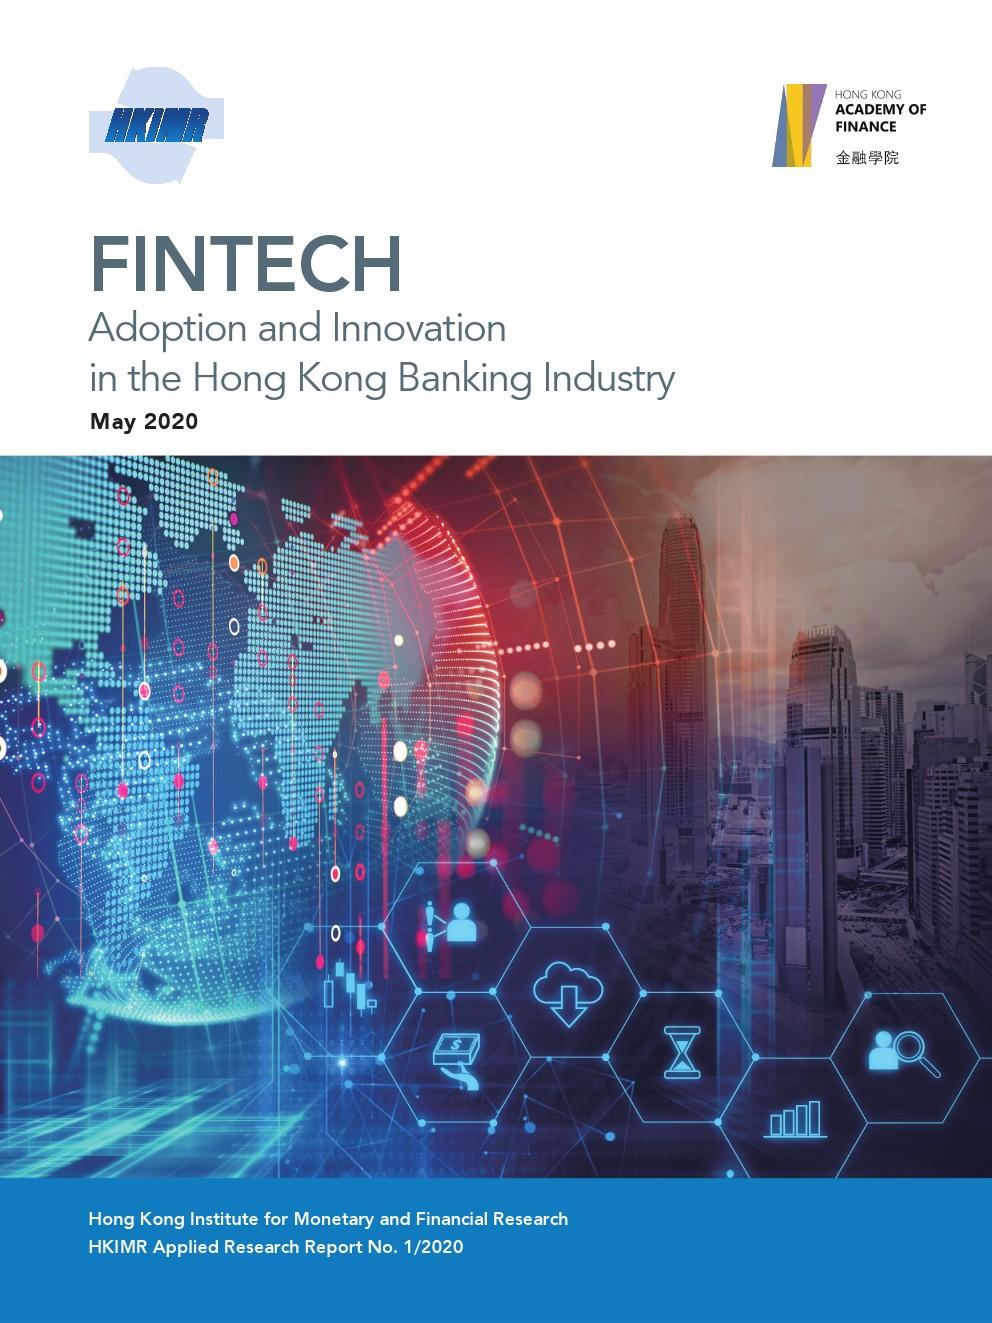 香港金融学院:金融科技在香港银行业的采用和创新